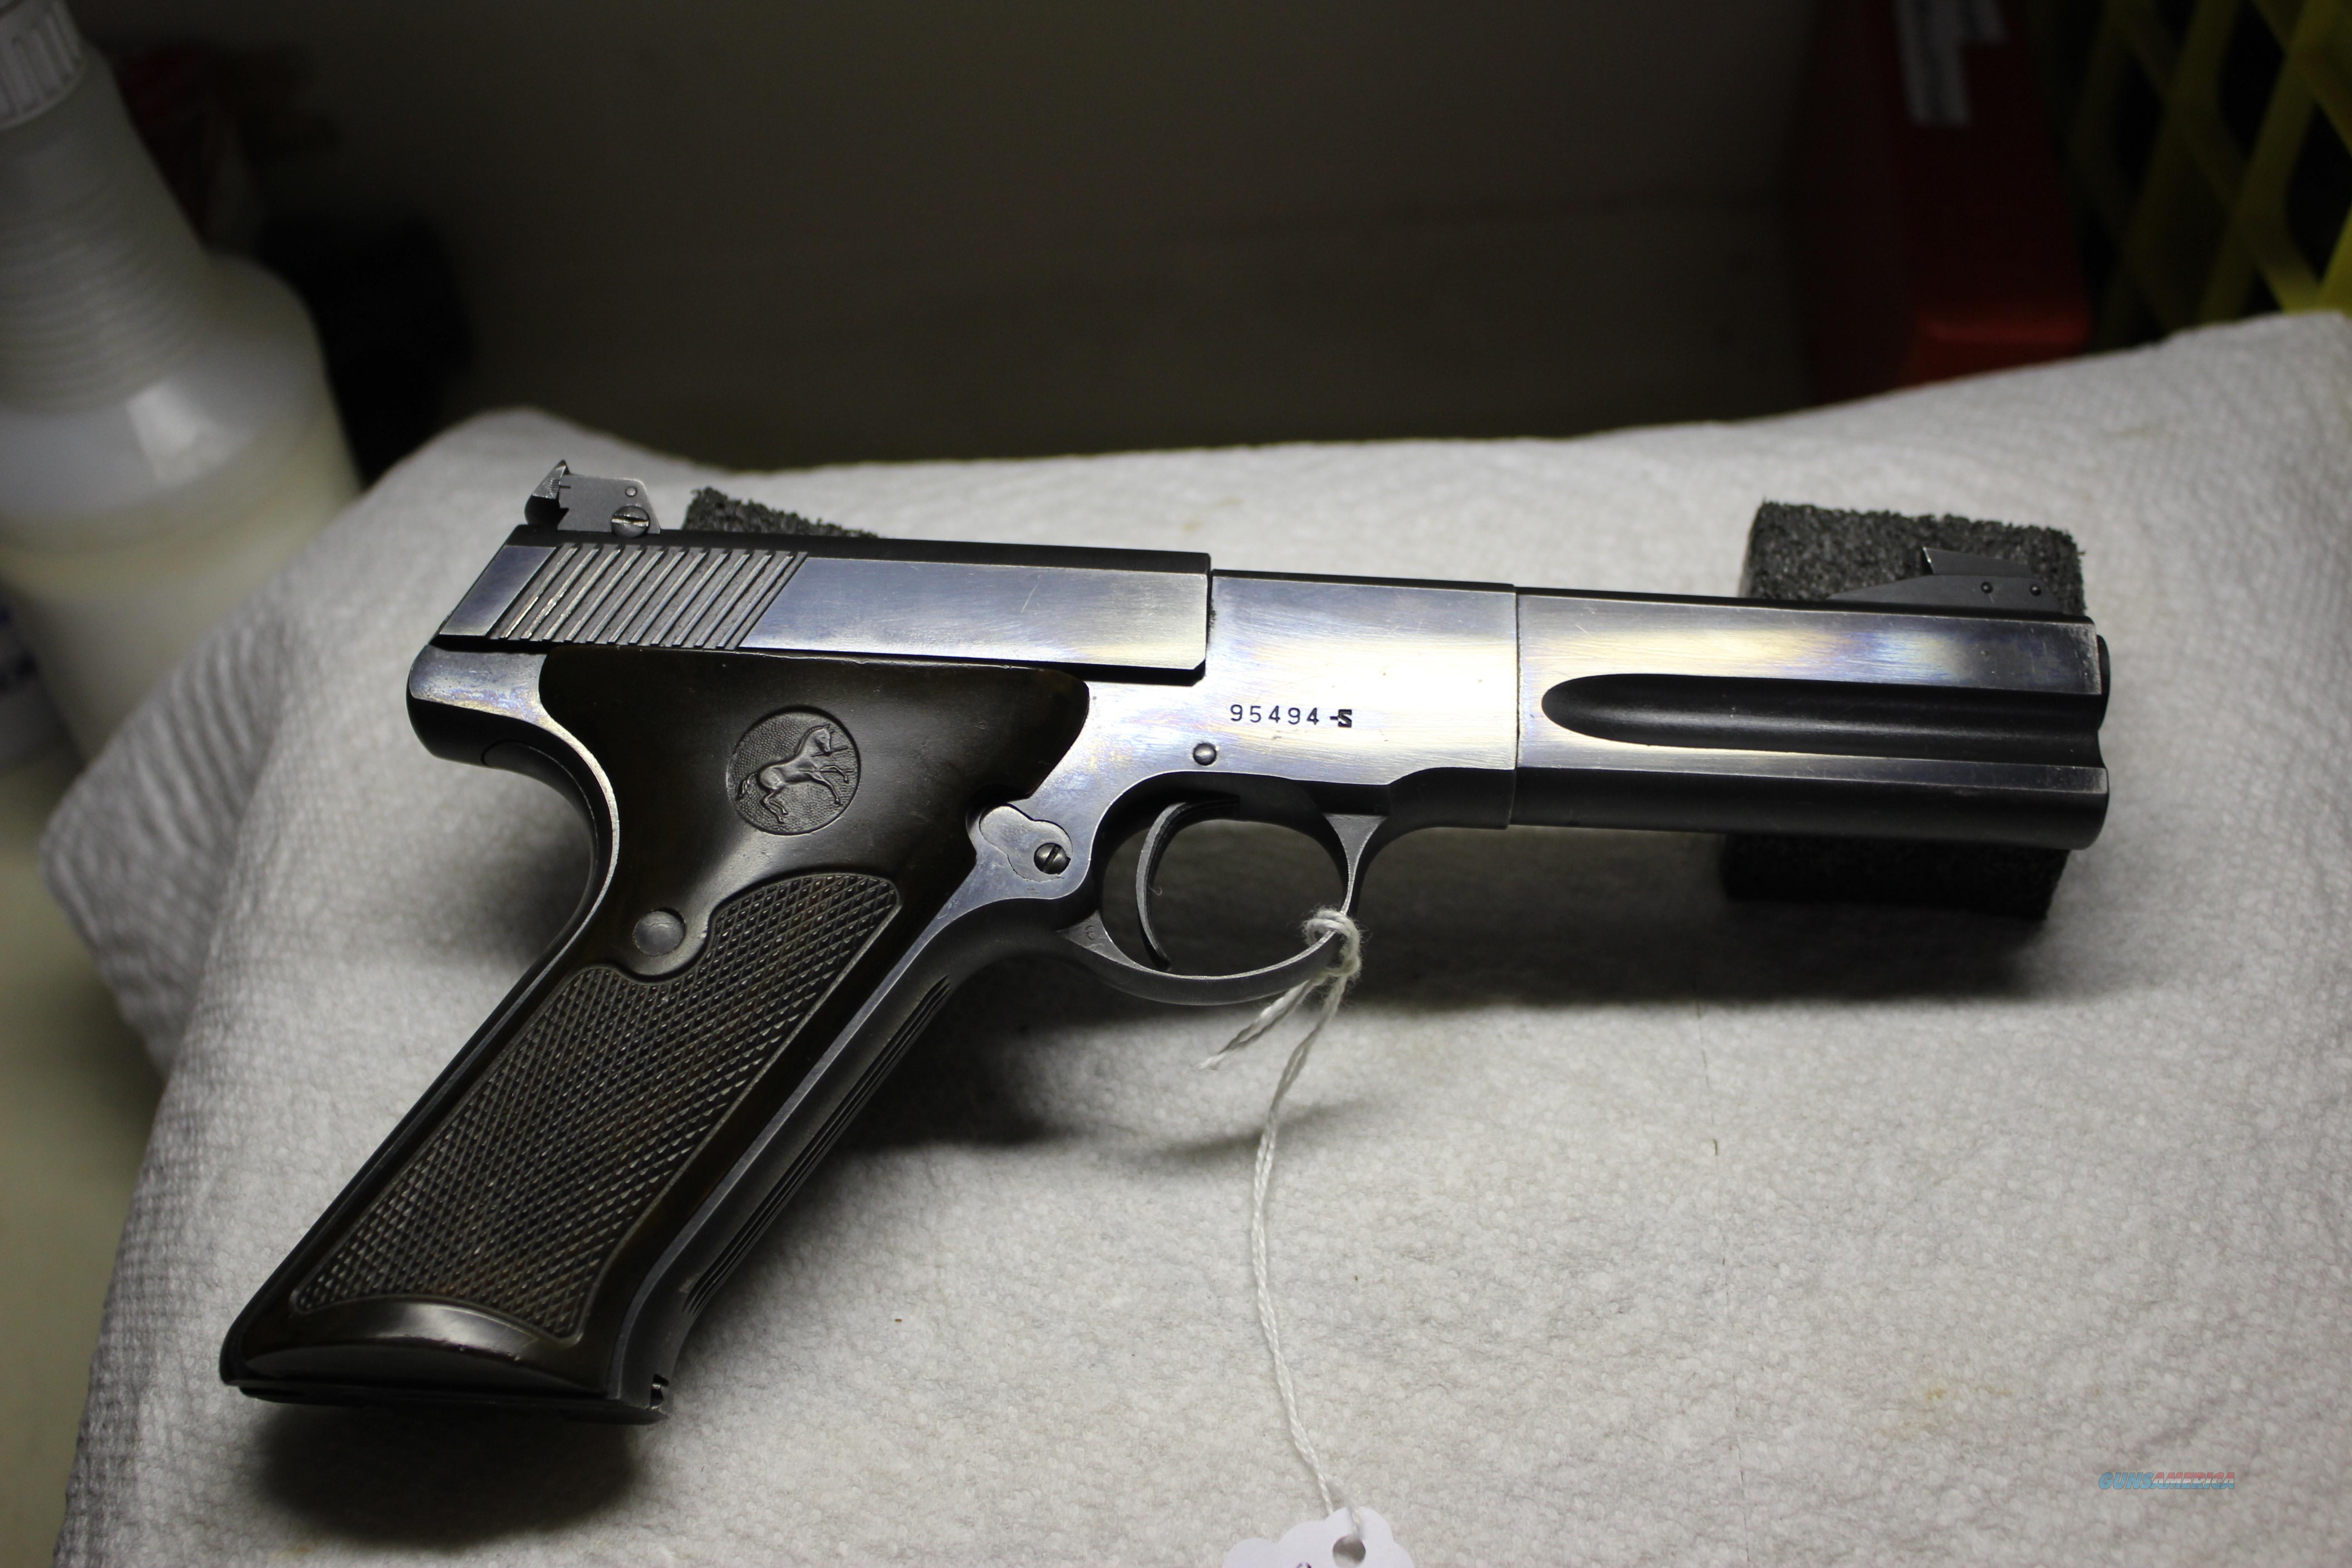 COLT MATCH TARGET 22LR  Guns > Pistols > Colt Automatic Pistols (22 Cal.)